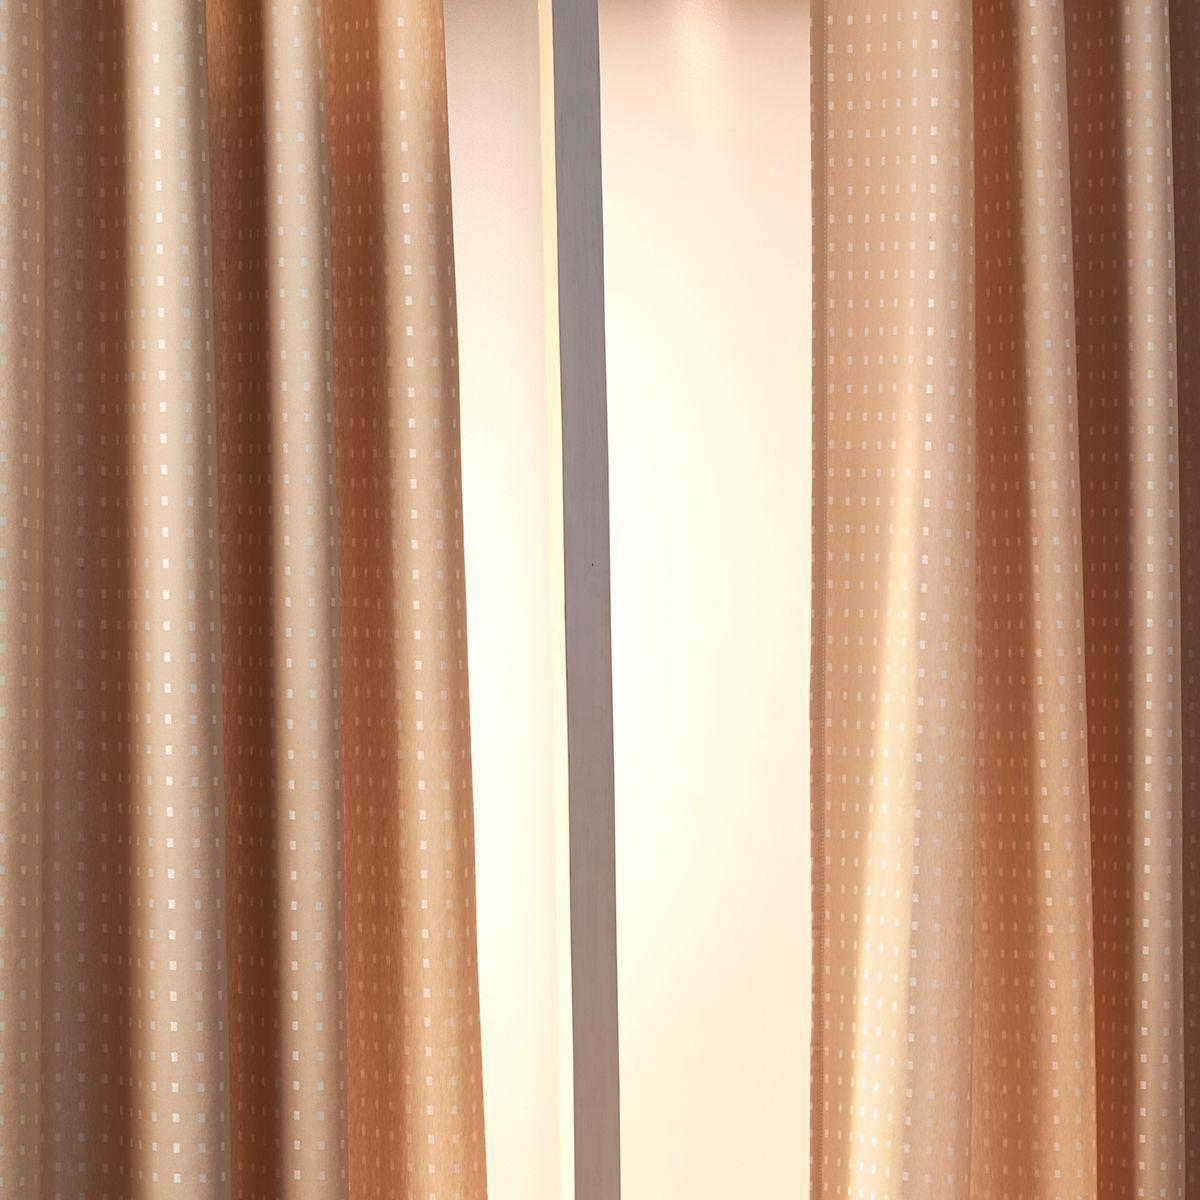 Cortina Janela Nova York Linho Com Forro Blackout 2,00 x 1,80 Santista